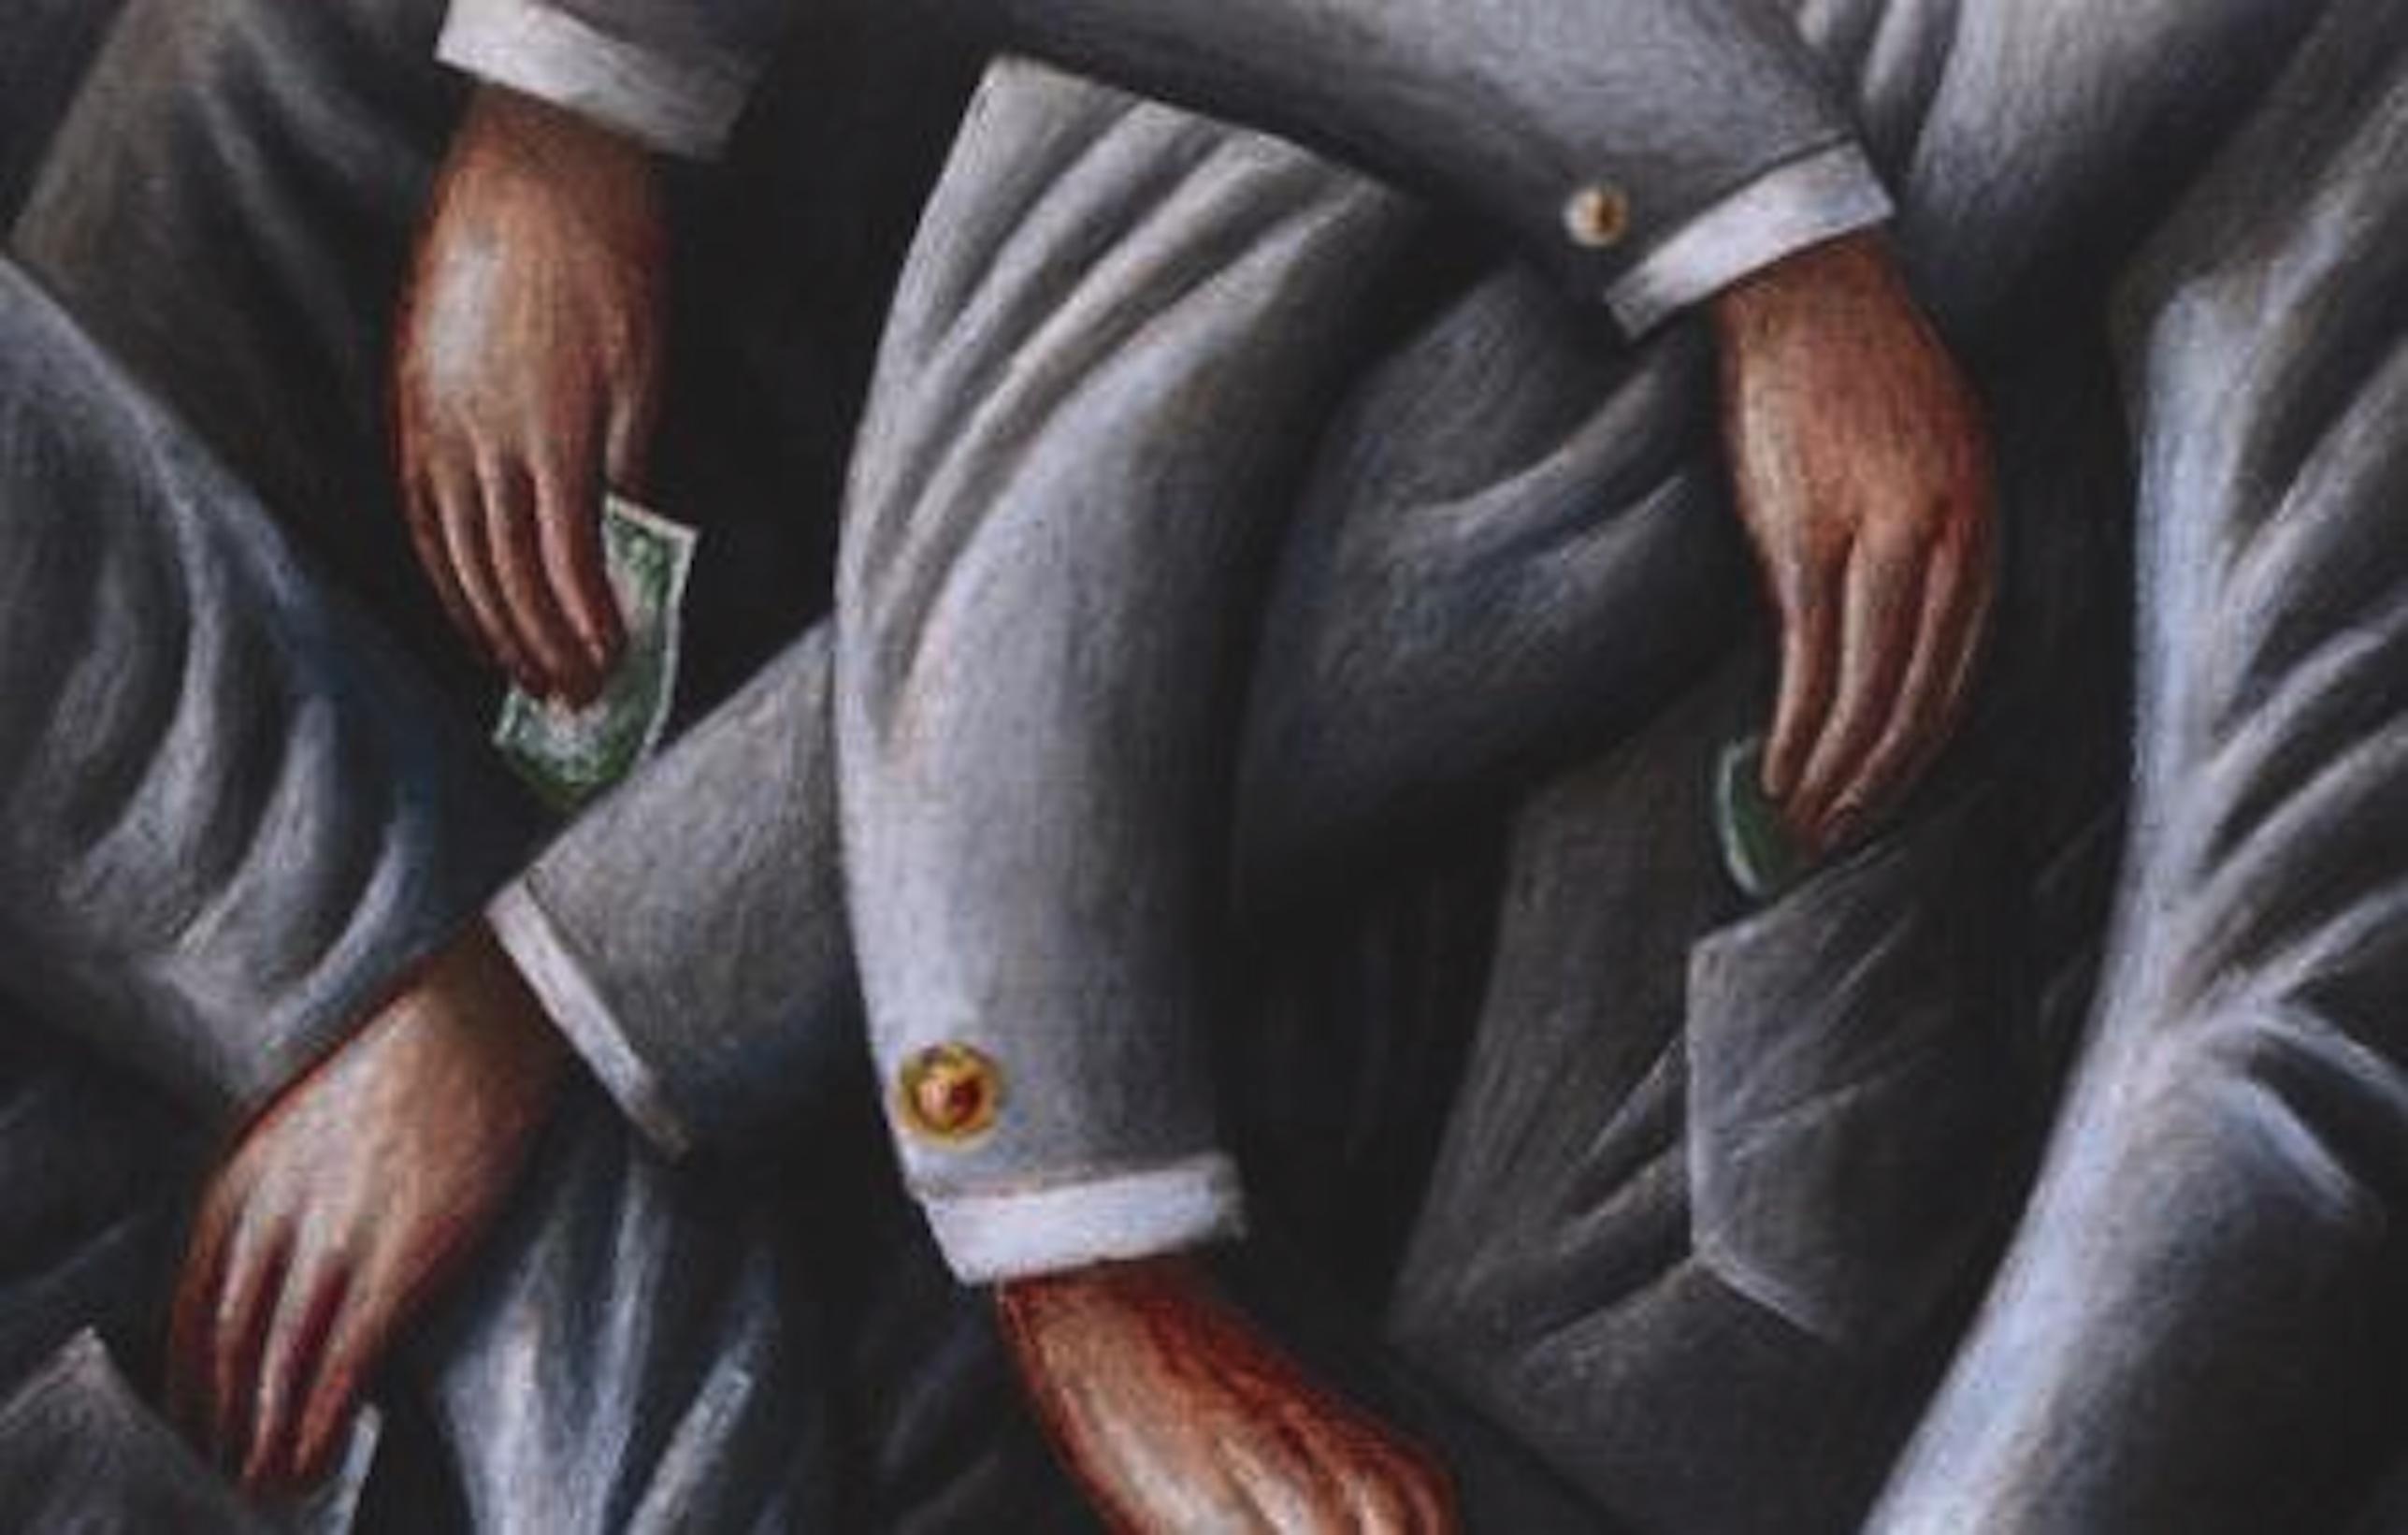 La misure introdotte dalla legge Anticorruzione